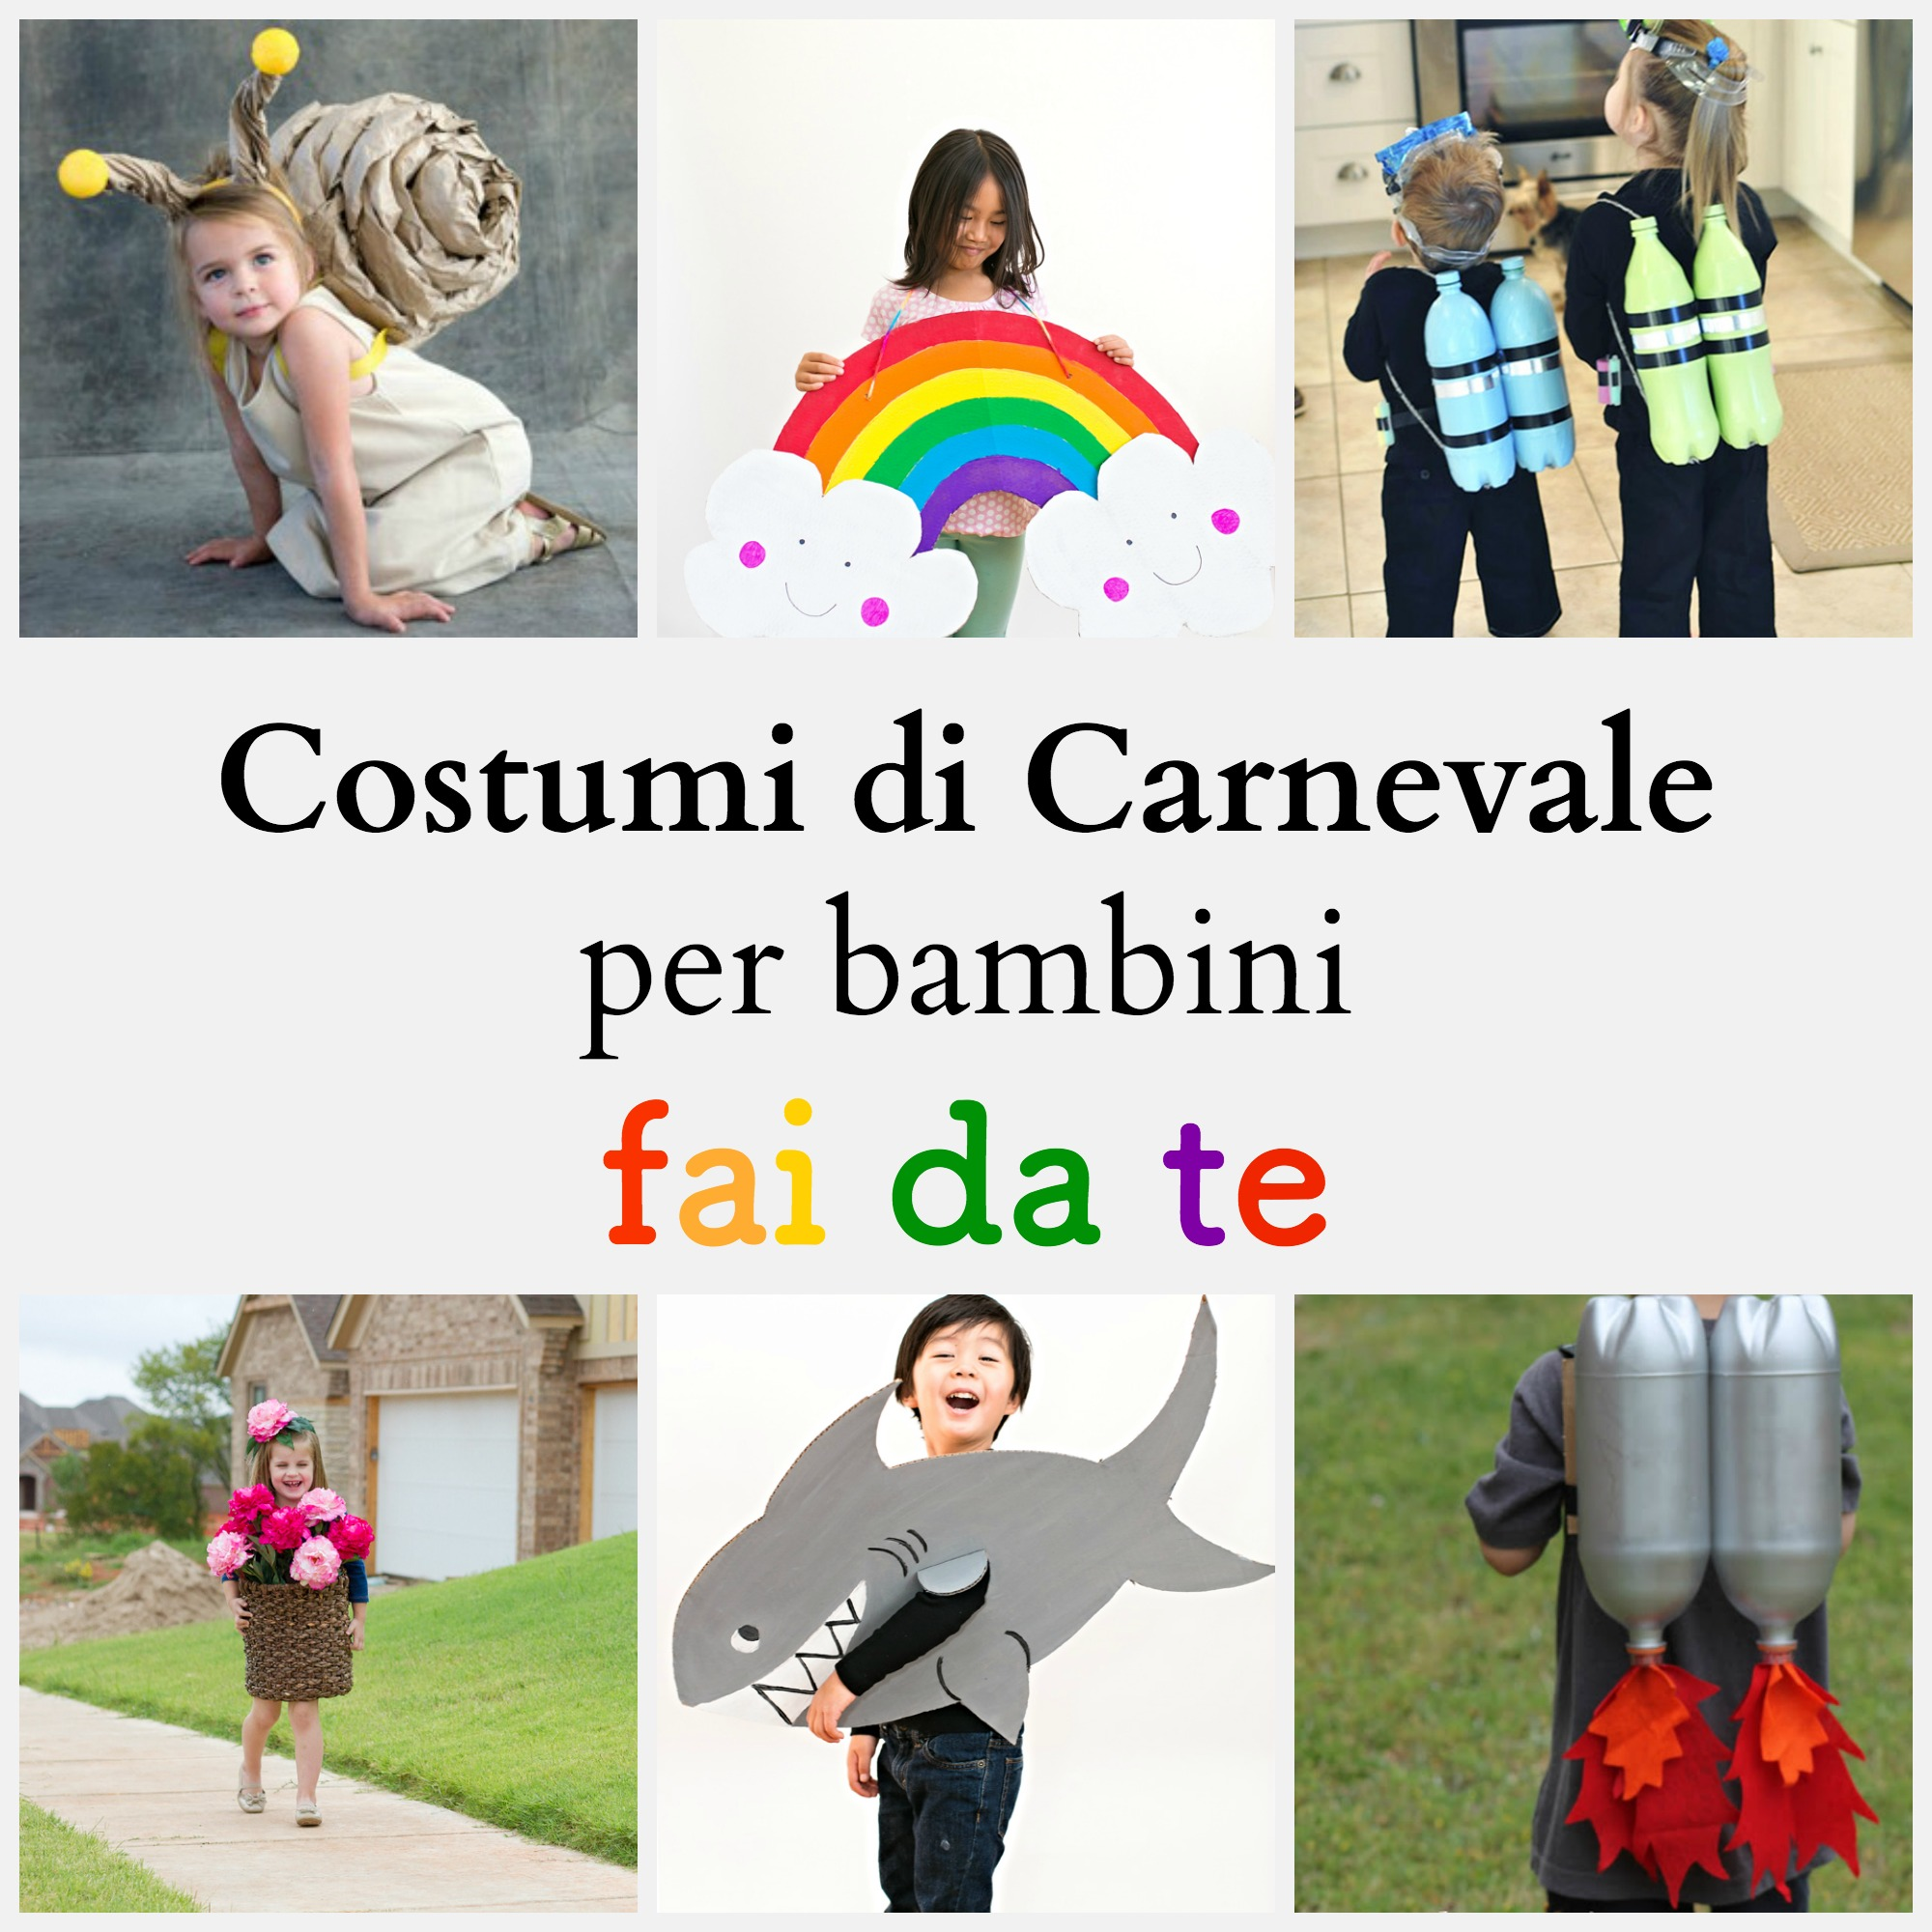 Conosciuto Costumi di Carnevale per bambini fai da te - BabyGreen QS75